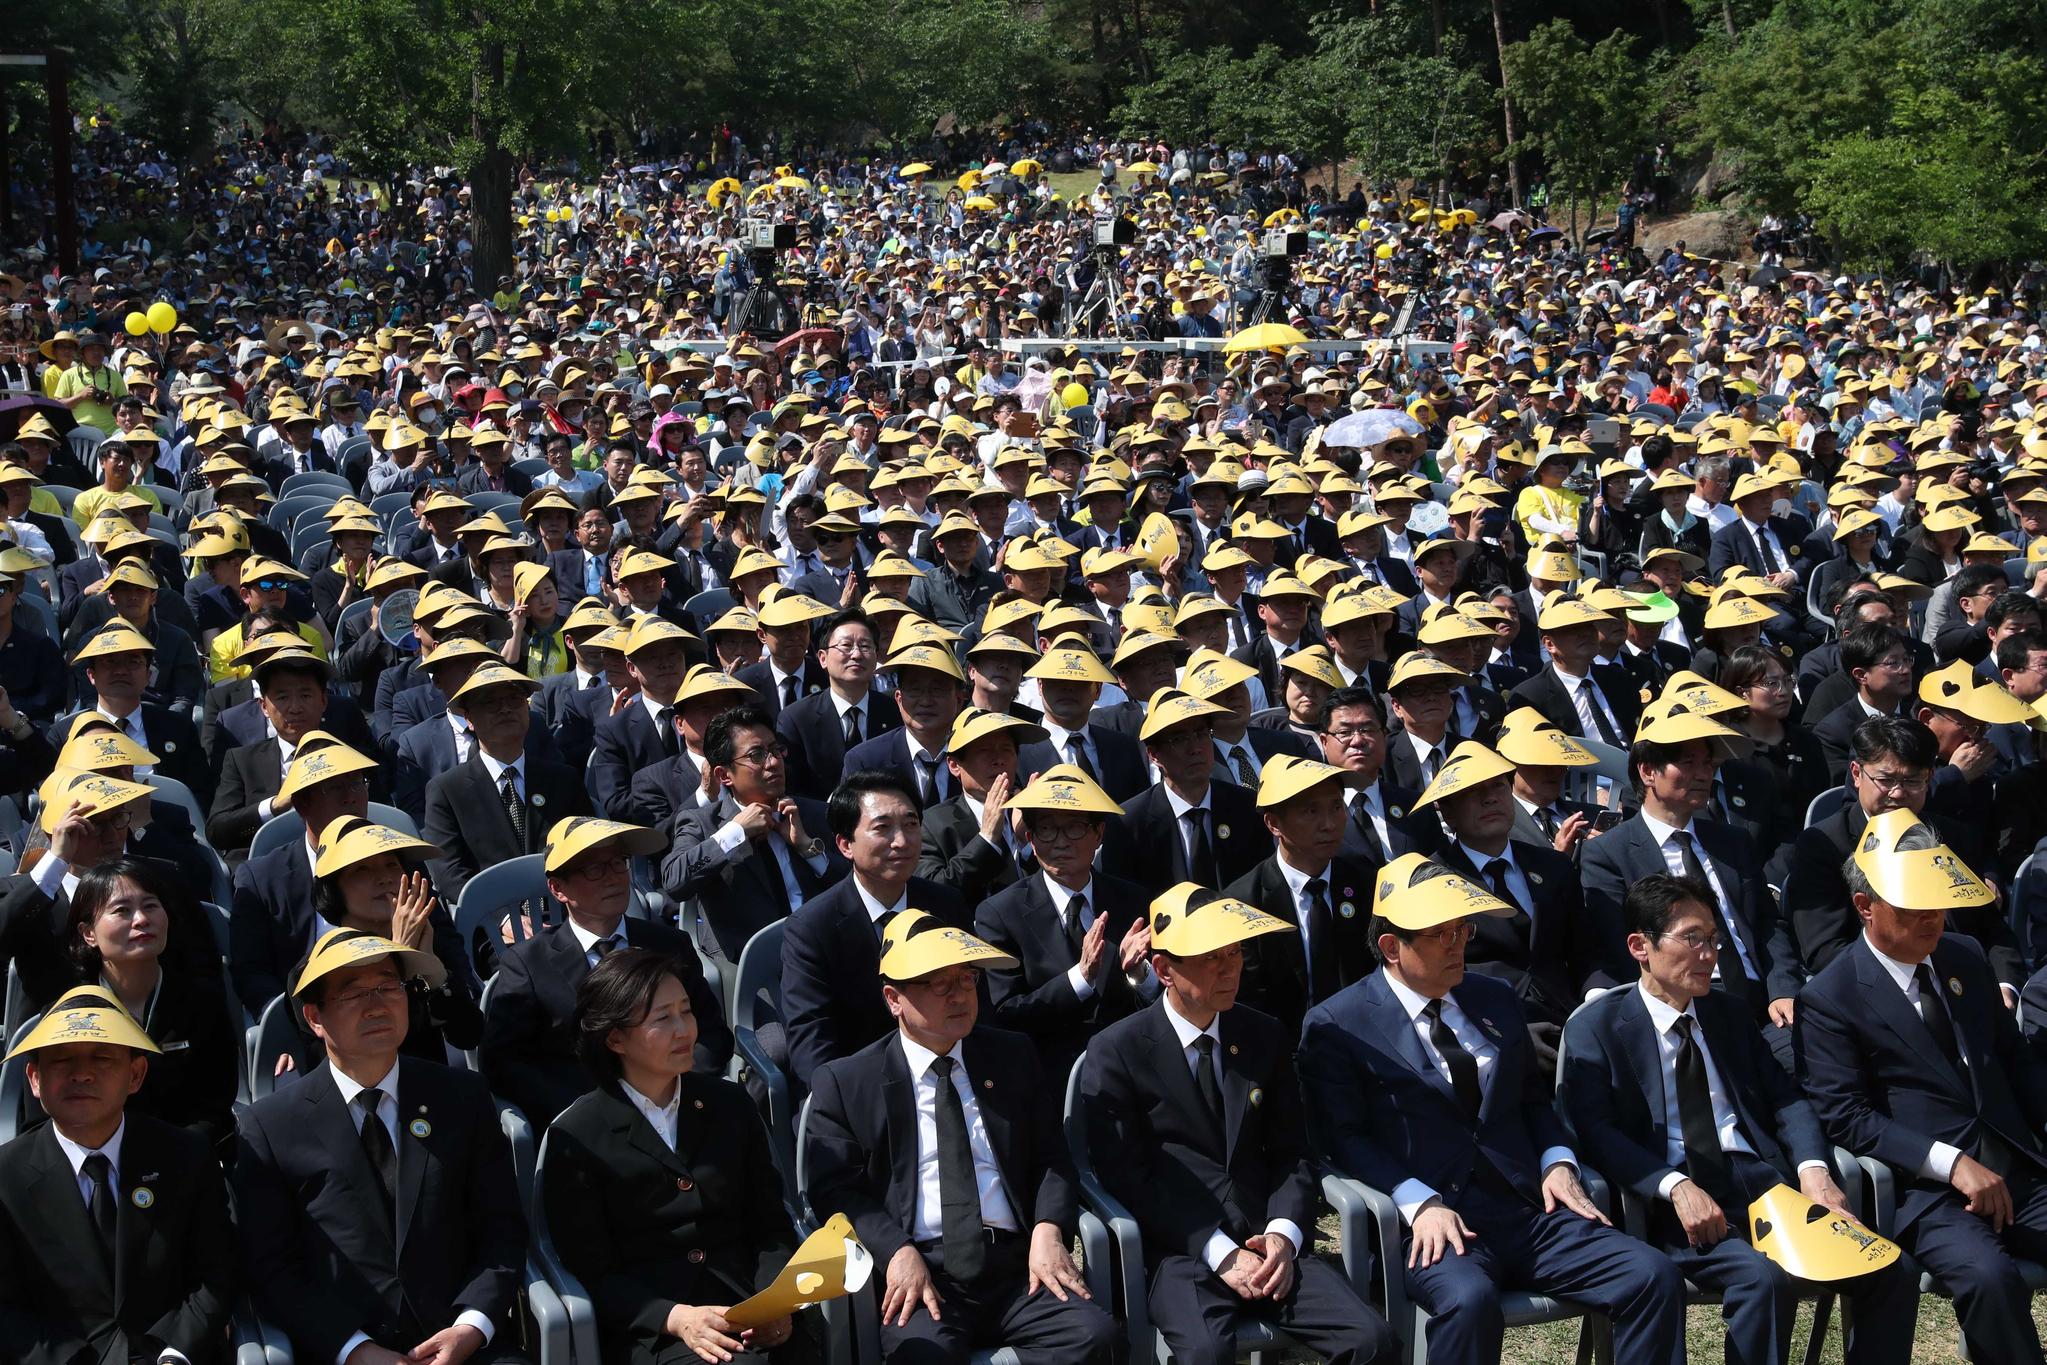 지난해 5월 23일 경남 김해시 봉하마을에서 고(故) 노무현 전 대통령 서거 10주기 추도식이 열리고 있다. 송봉근 기자